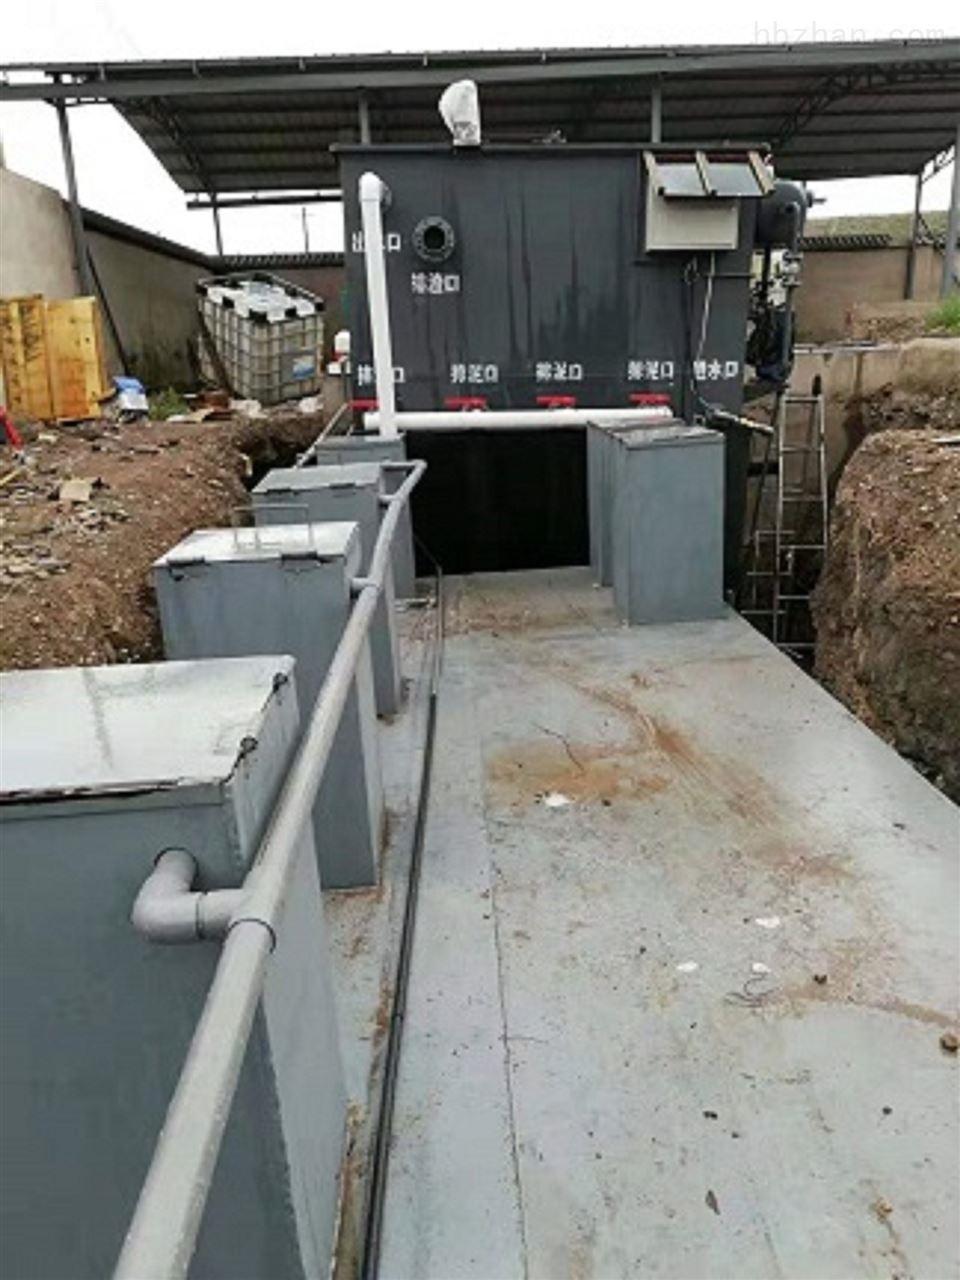 酒店洗衣房污水处理设施